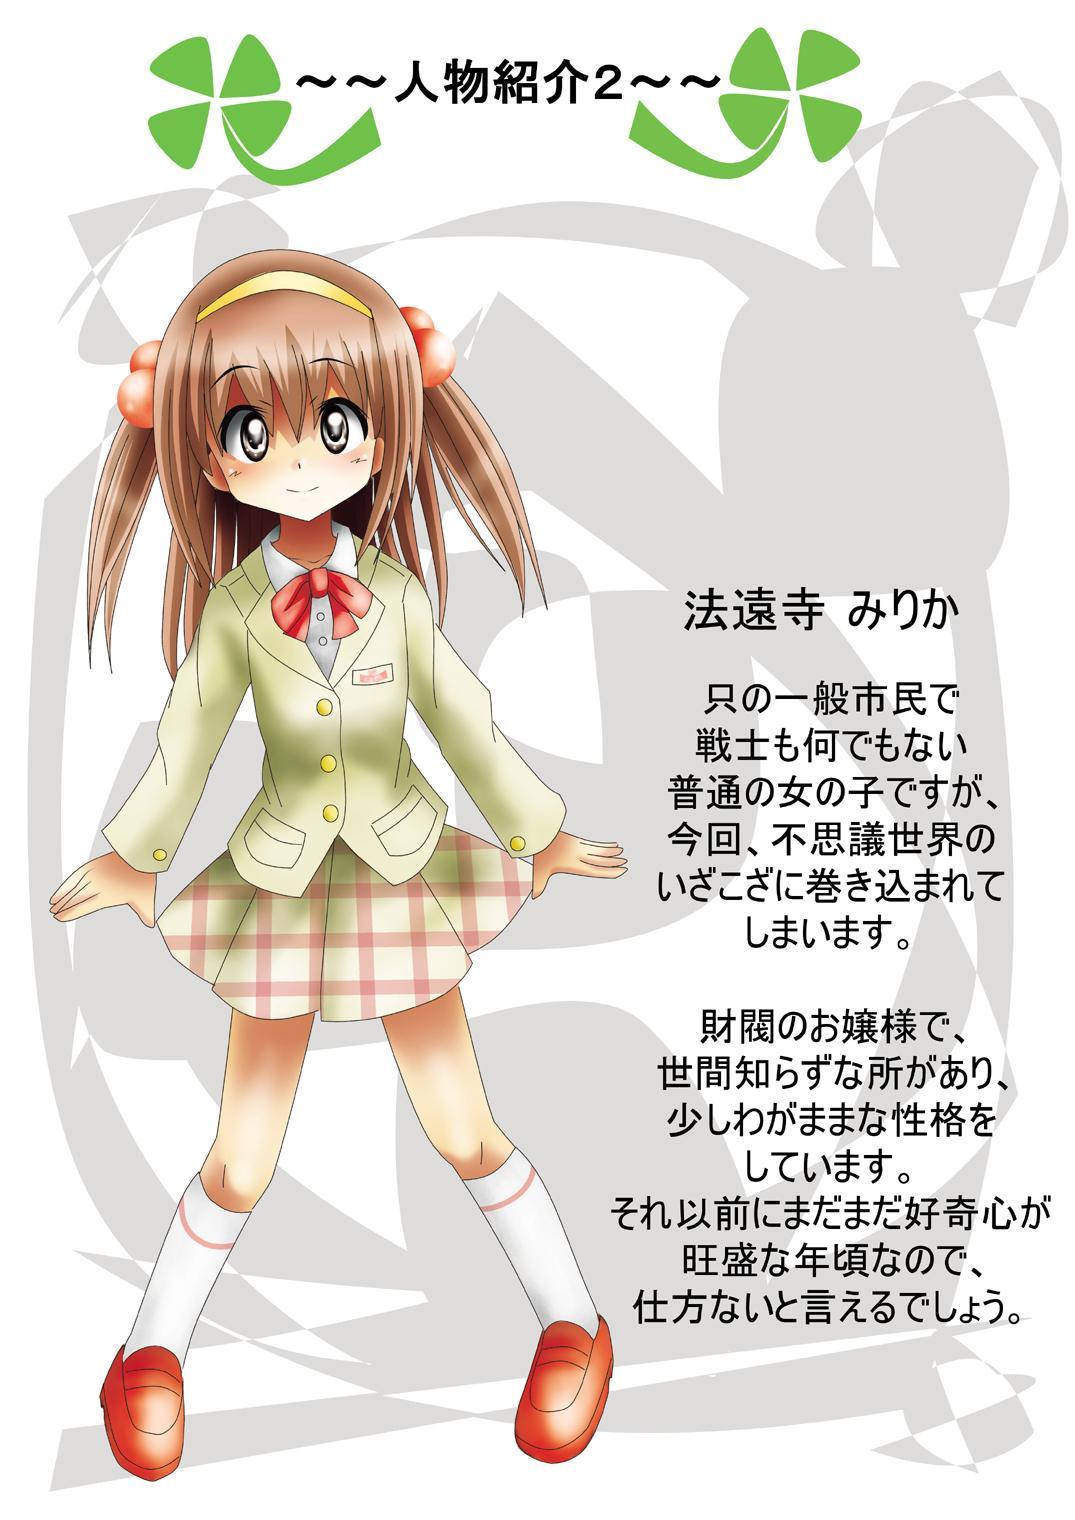 [Dende] Fushigi Sekai -Mystery World- Nonoha 5 ~Jokuma no Kyouniku no Tainai Shinshoku~ 8